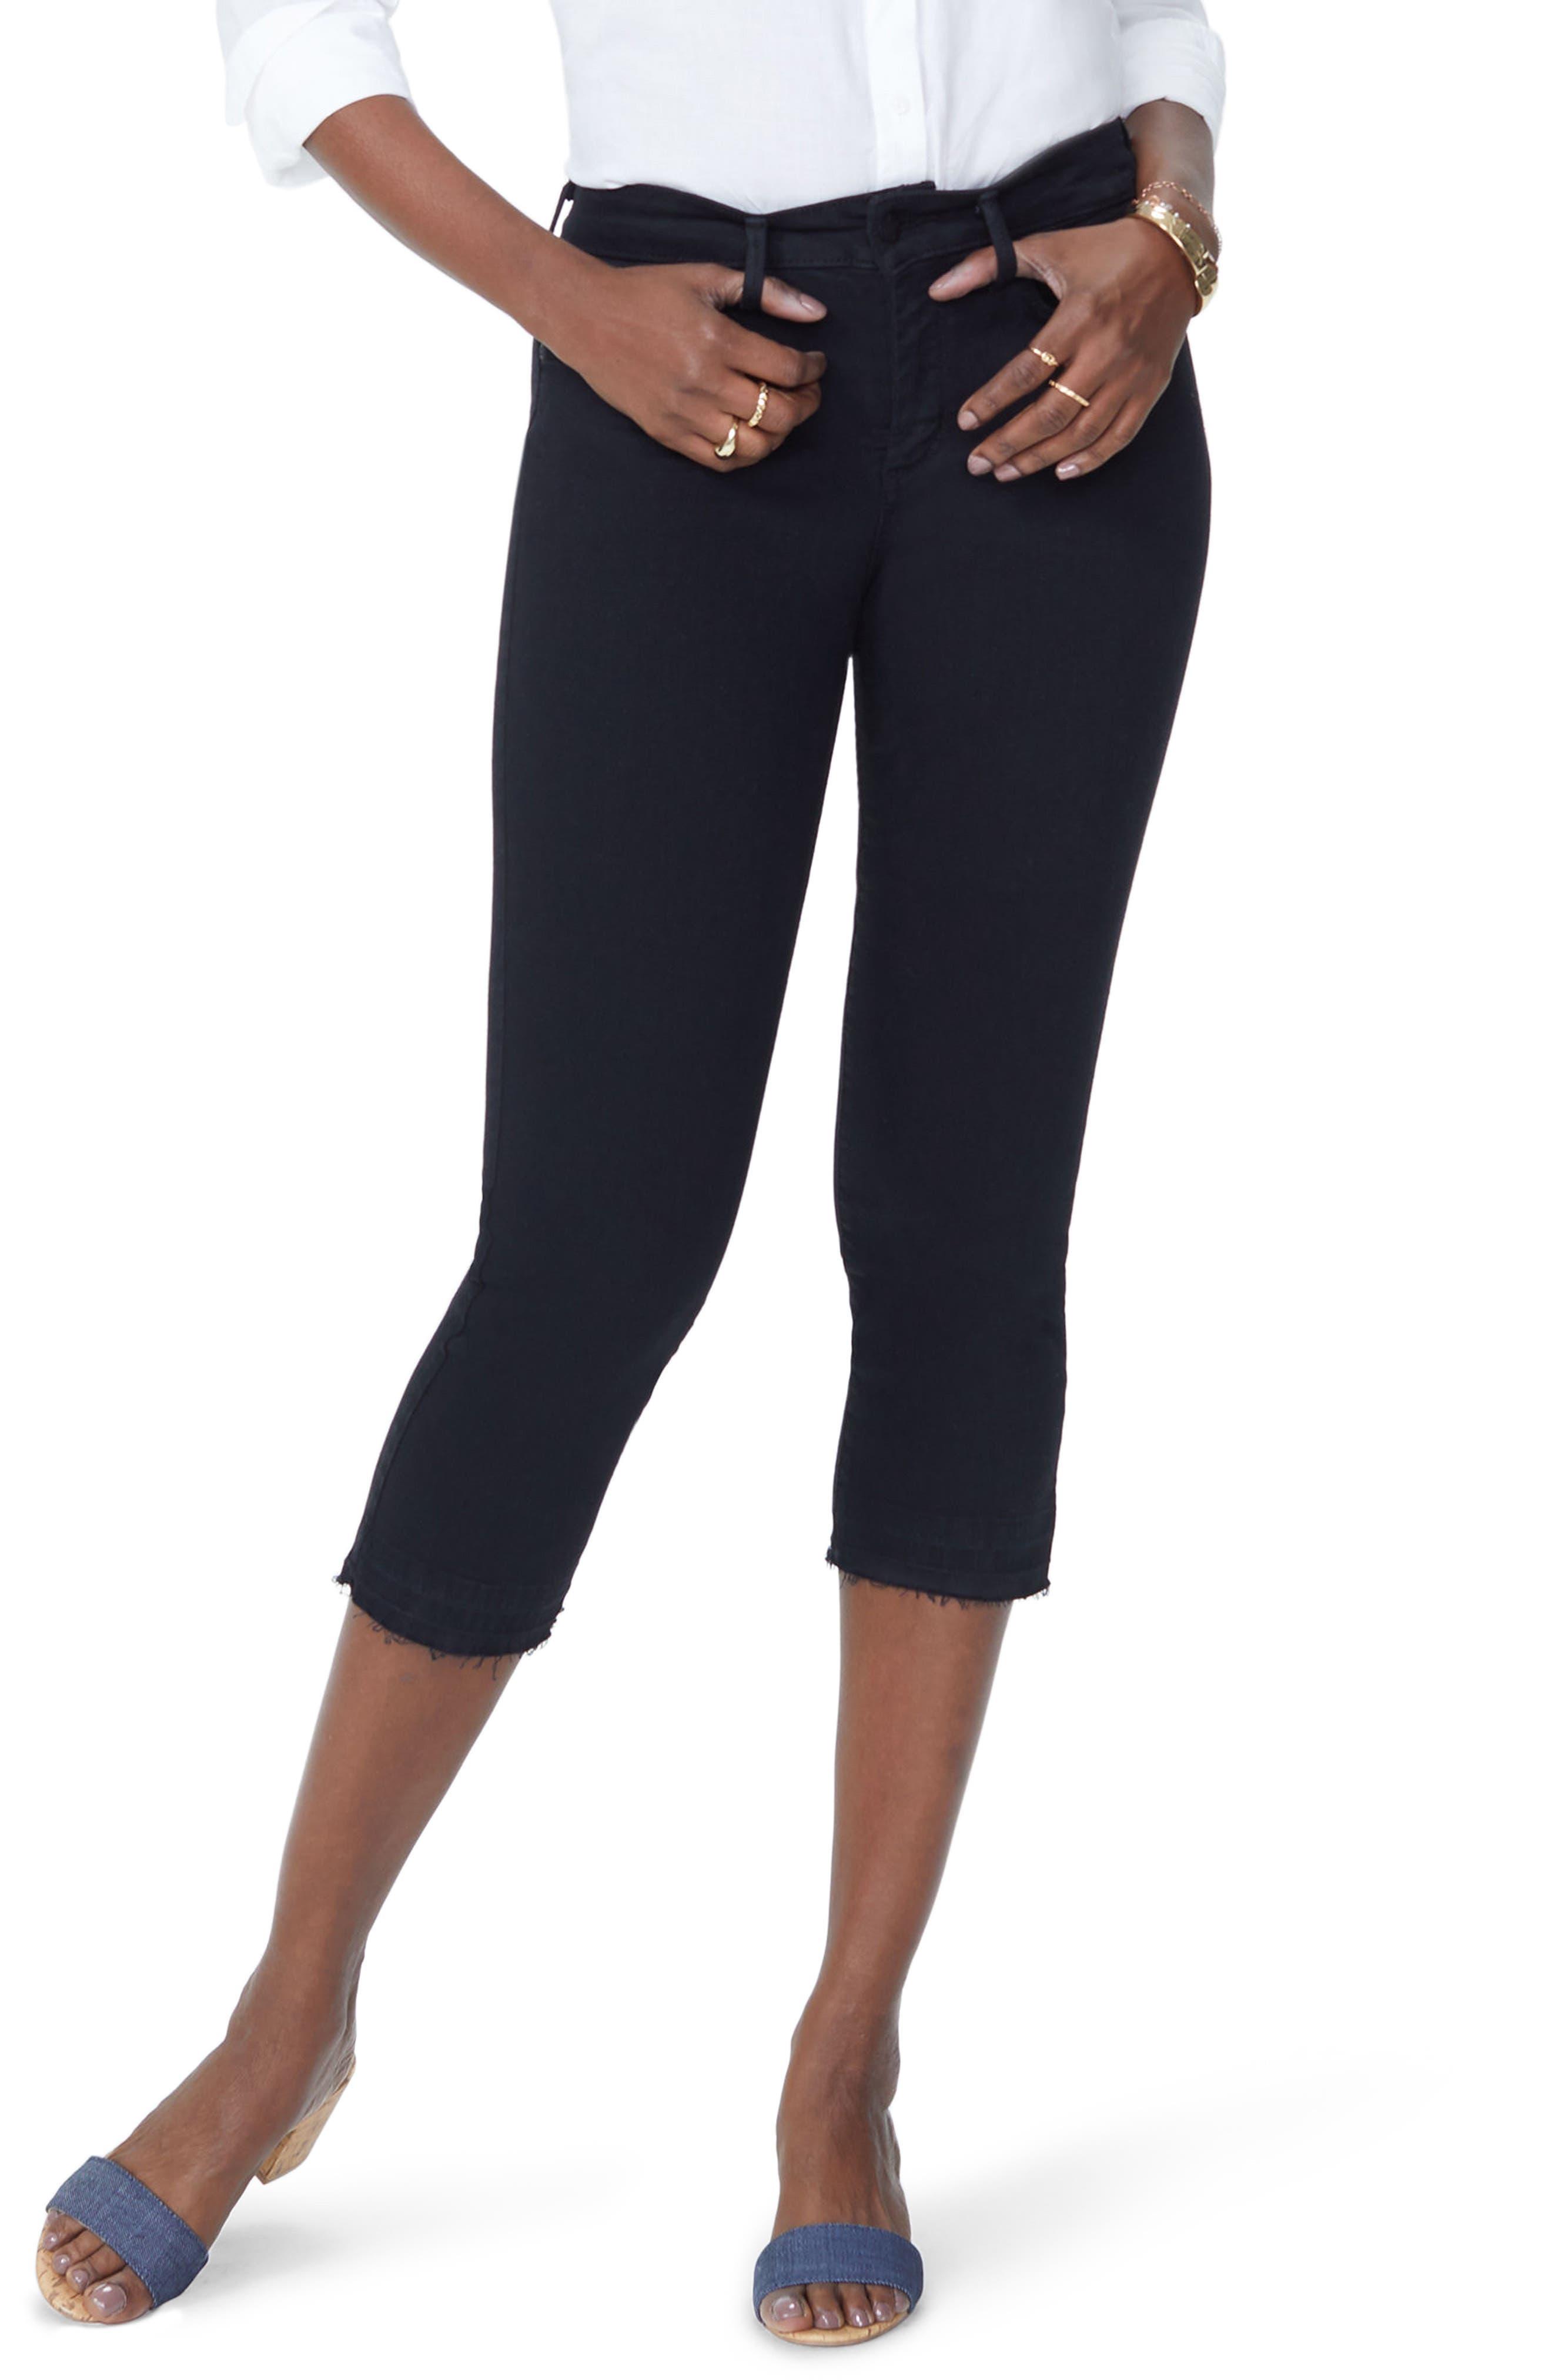 Nydj Release Hem Capri Skinny Jeans, Black